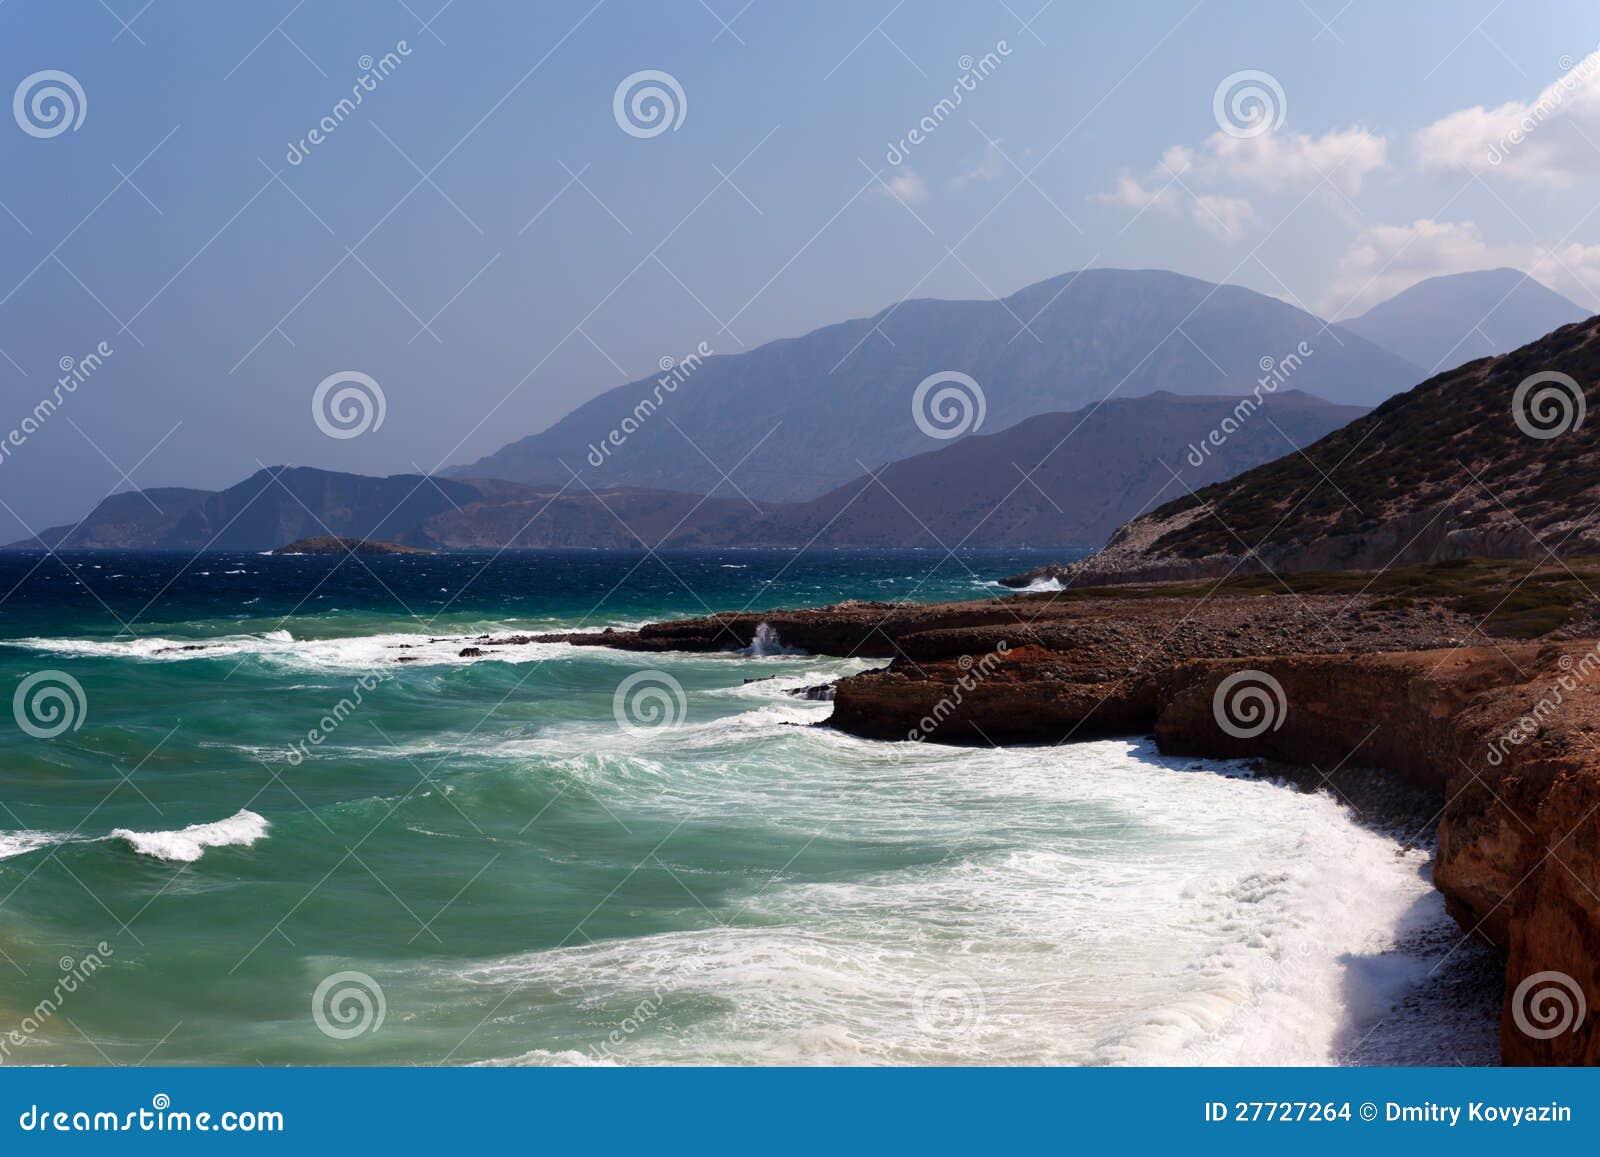 Die Seeküste der Insel